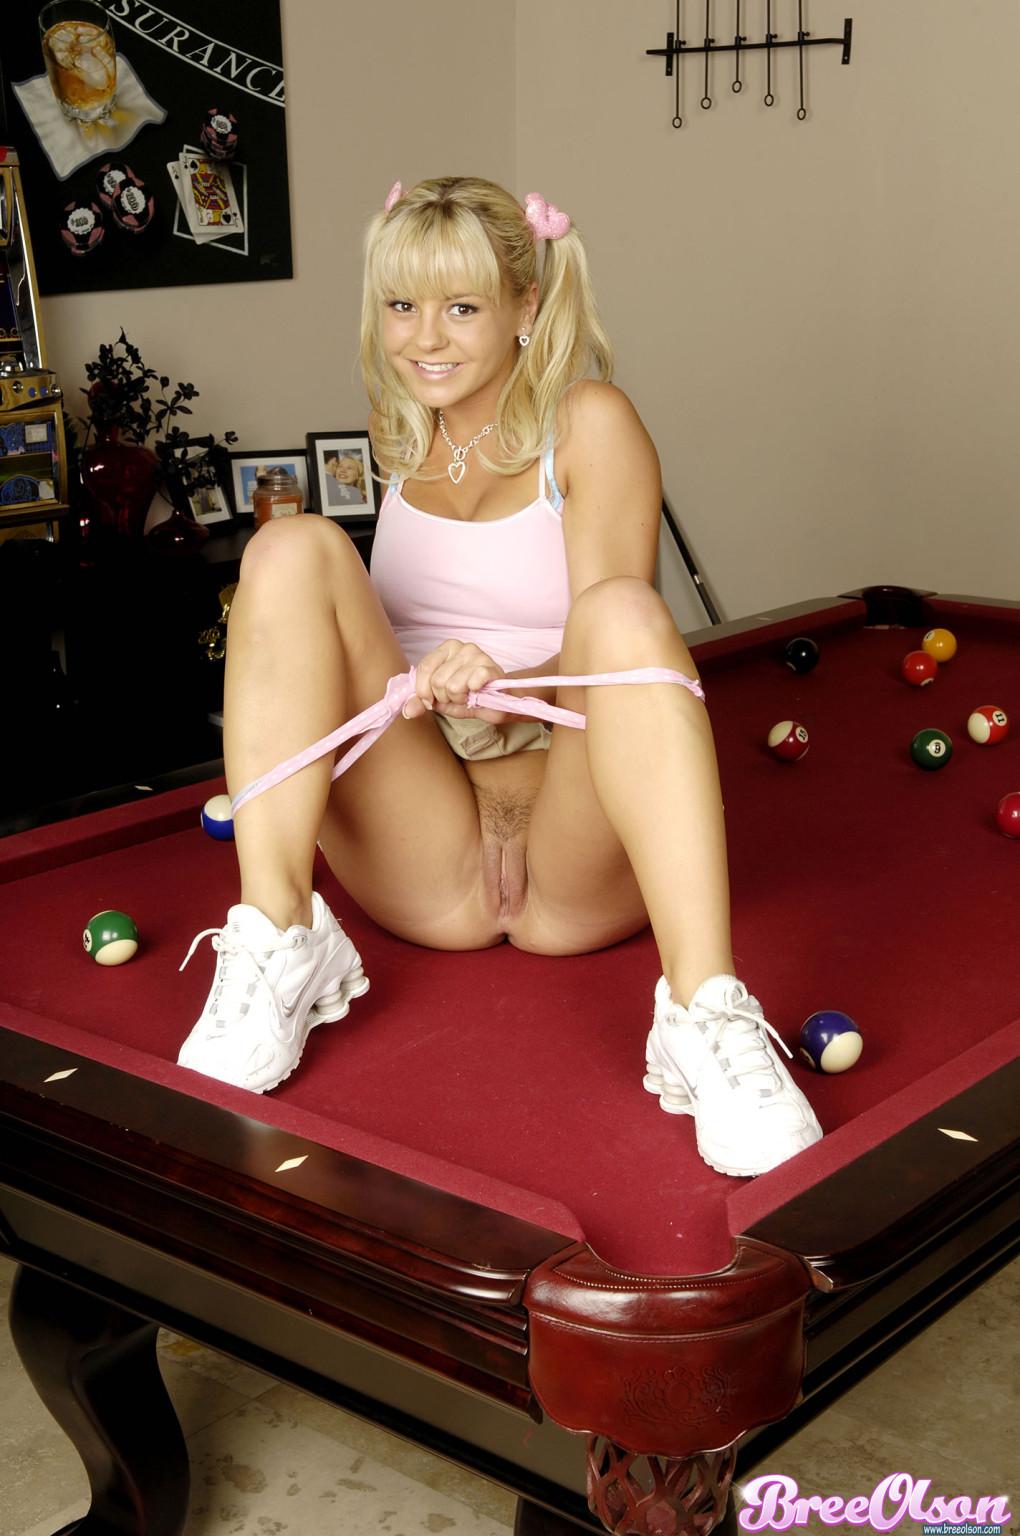 Bree Olson - Галерея 2216685